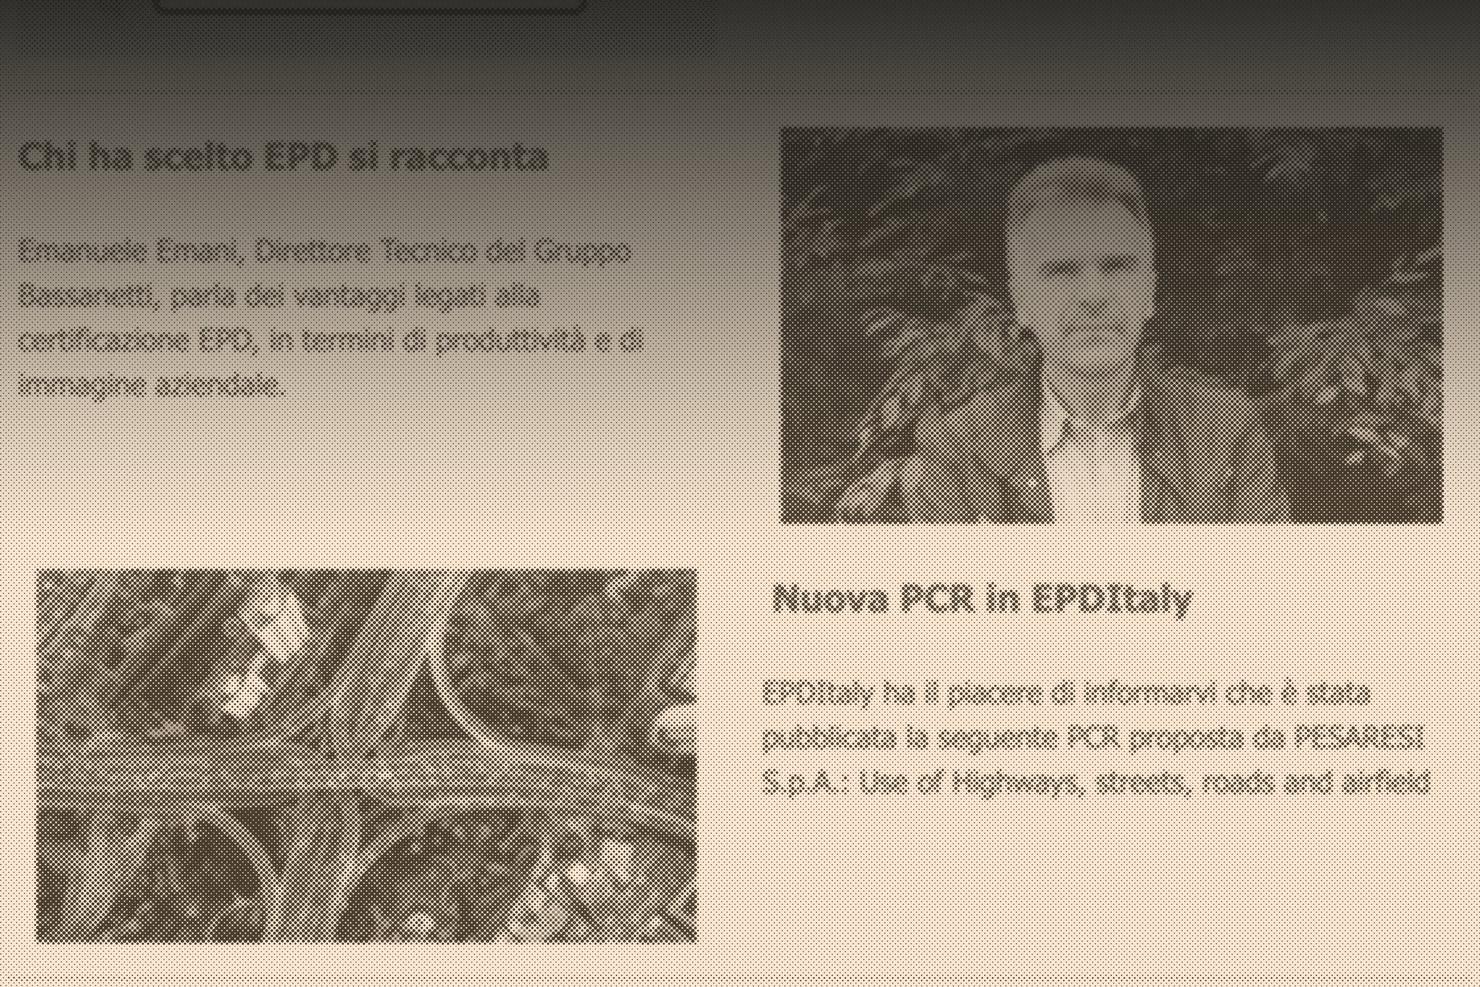 Chi ha scelto EPDItaly si racconta: Gruppo Bassanetti